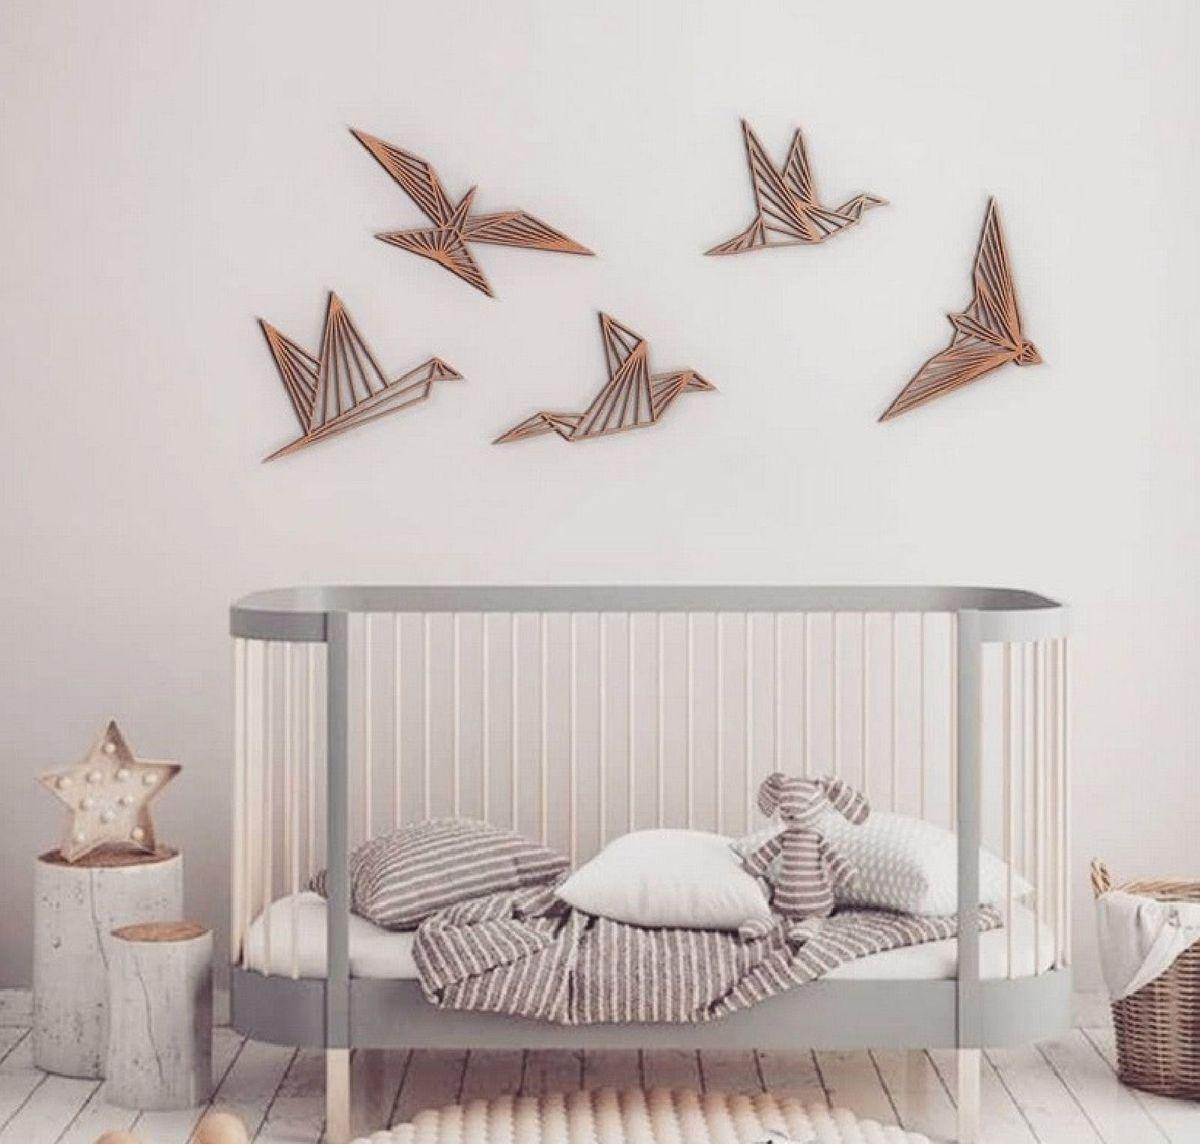 Laser Cut Wooden Birds Wall Decor Modern Wall Art Free CDR Vectors Art